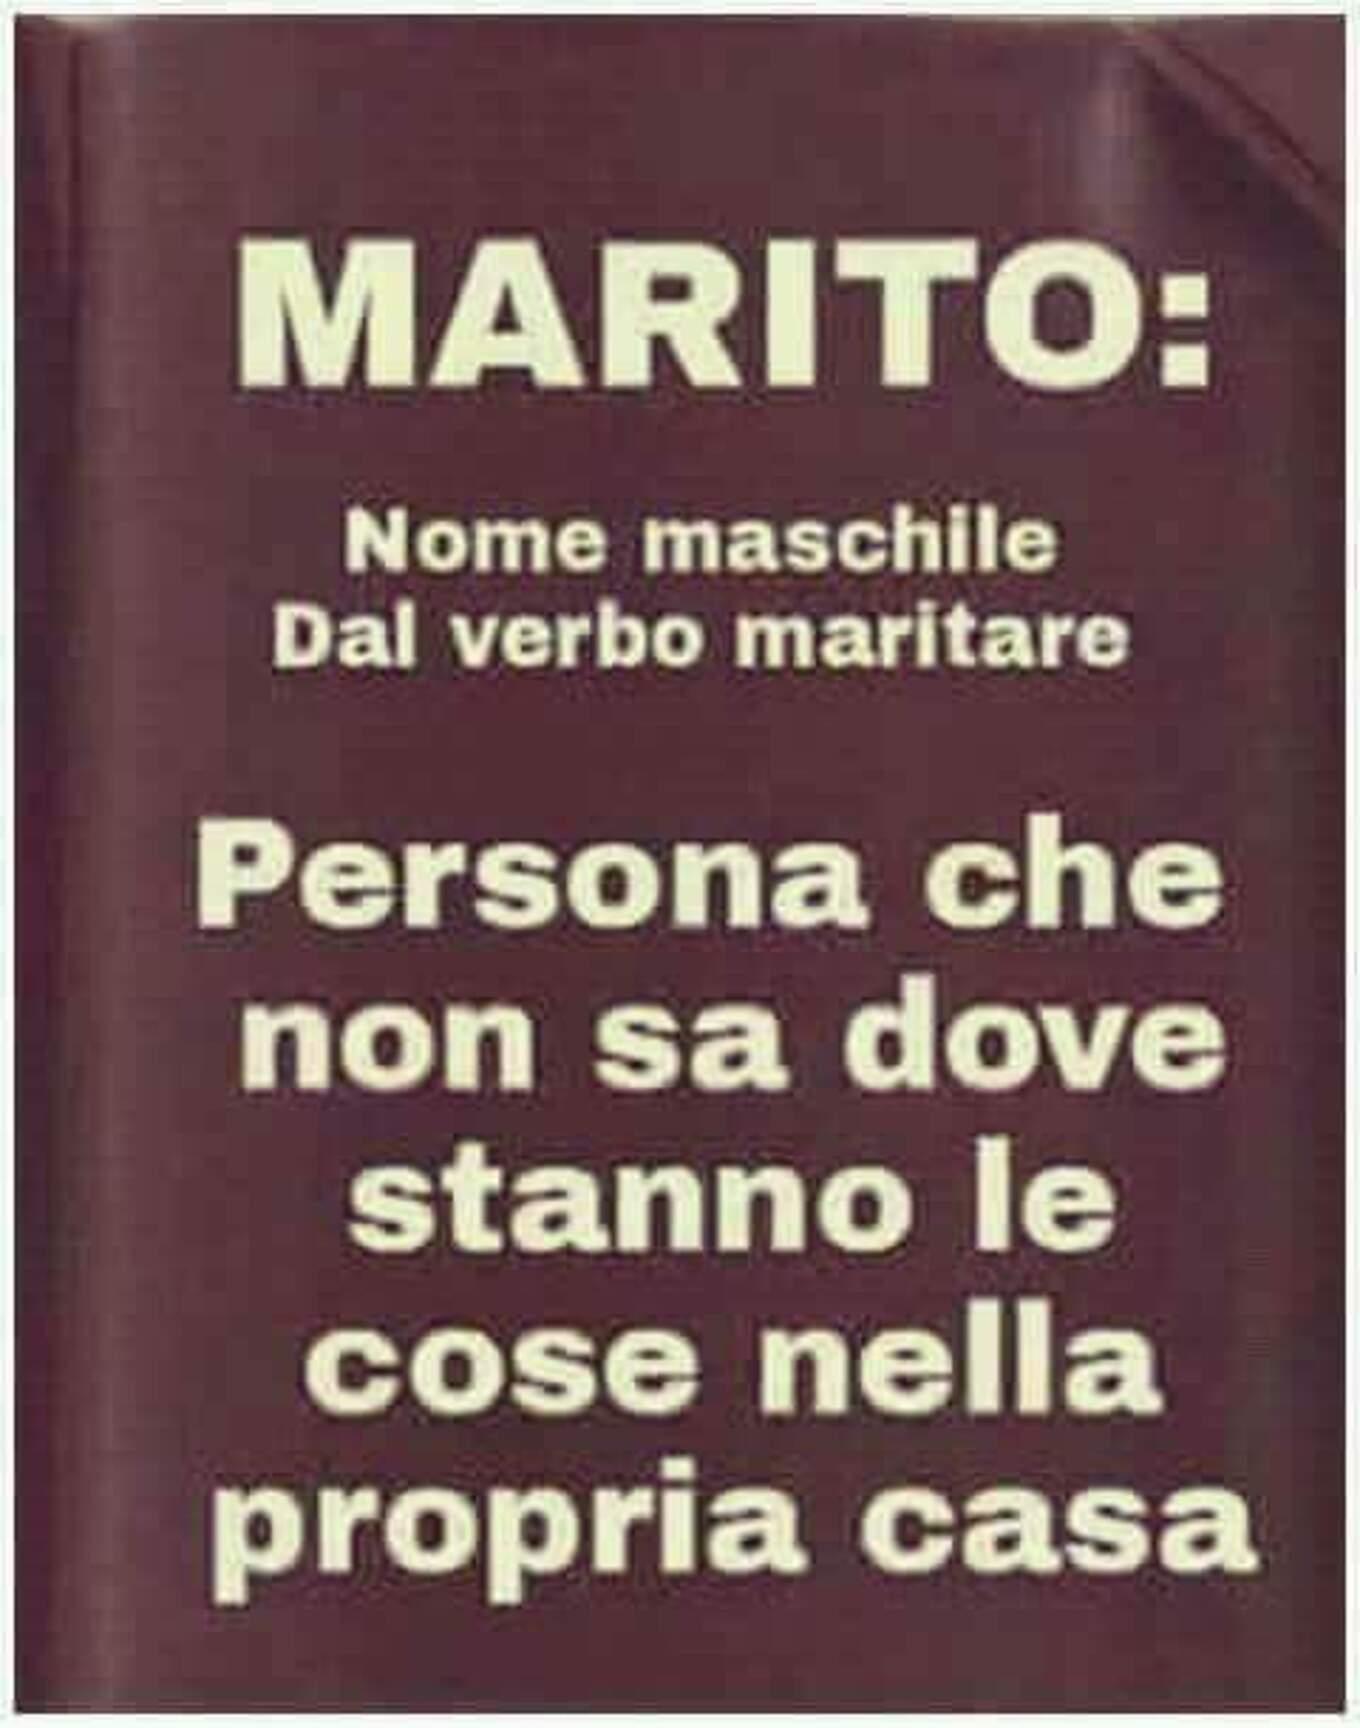 MARITO: Voce maschile dal verbo maritare. Persona che non sa dove stanno le cose nella propria casa.